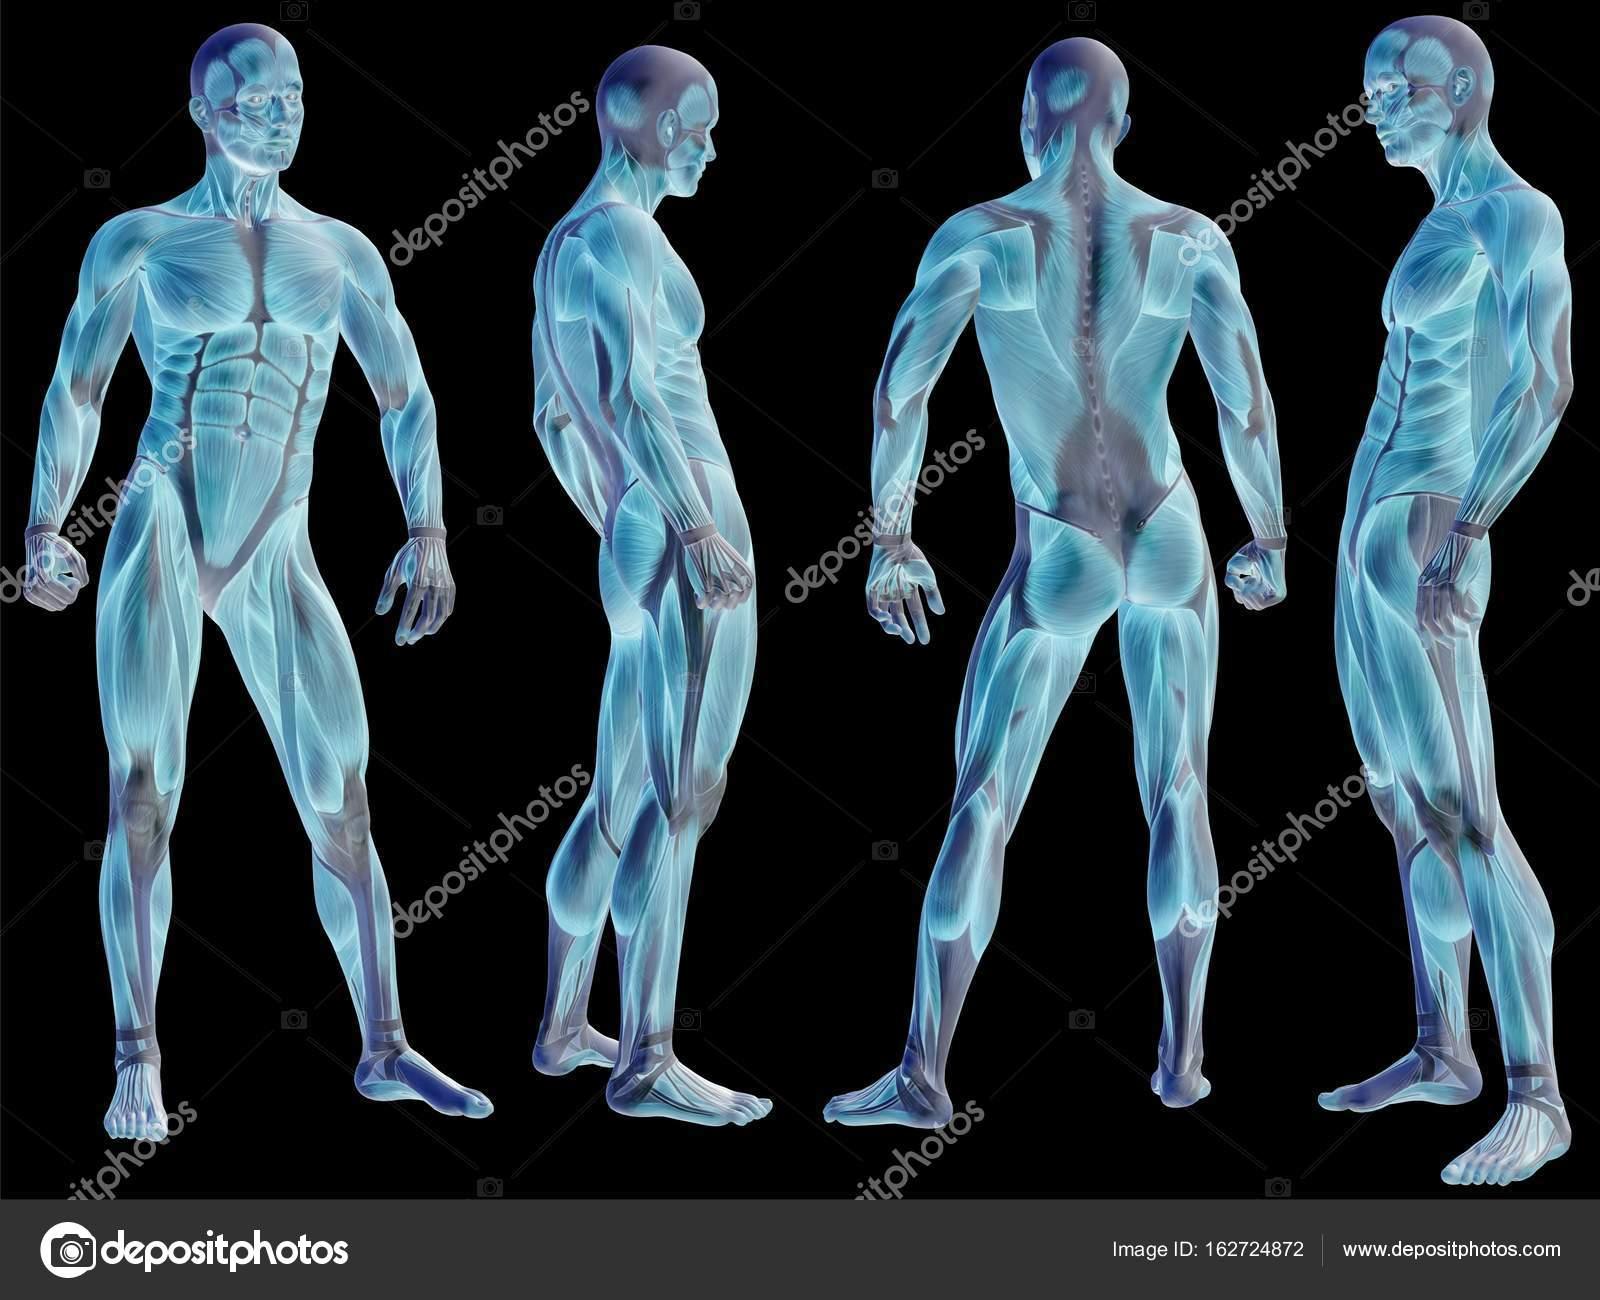 menschliche Anatomie Abbildung — Stockfoto © design36 #162724872